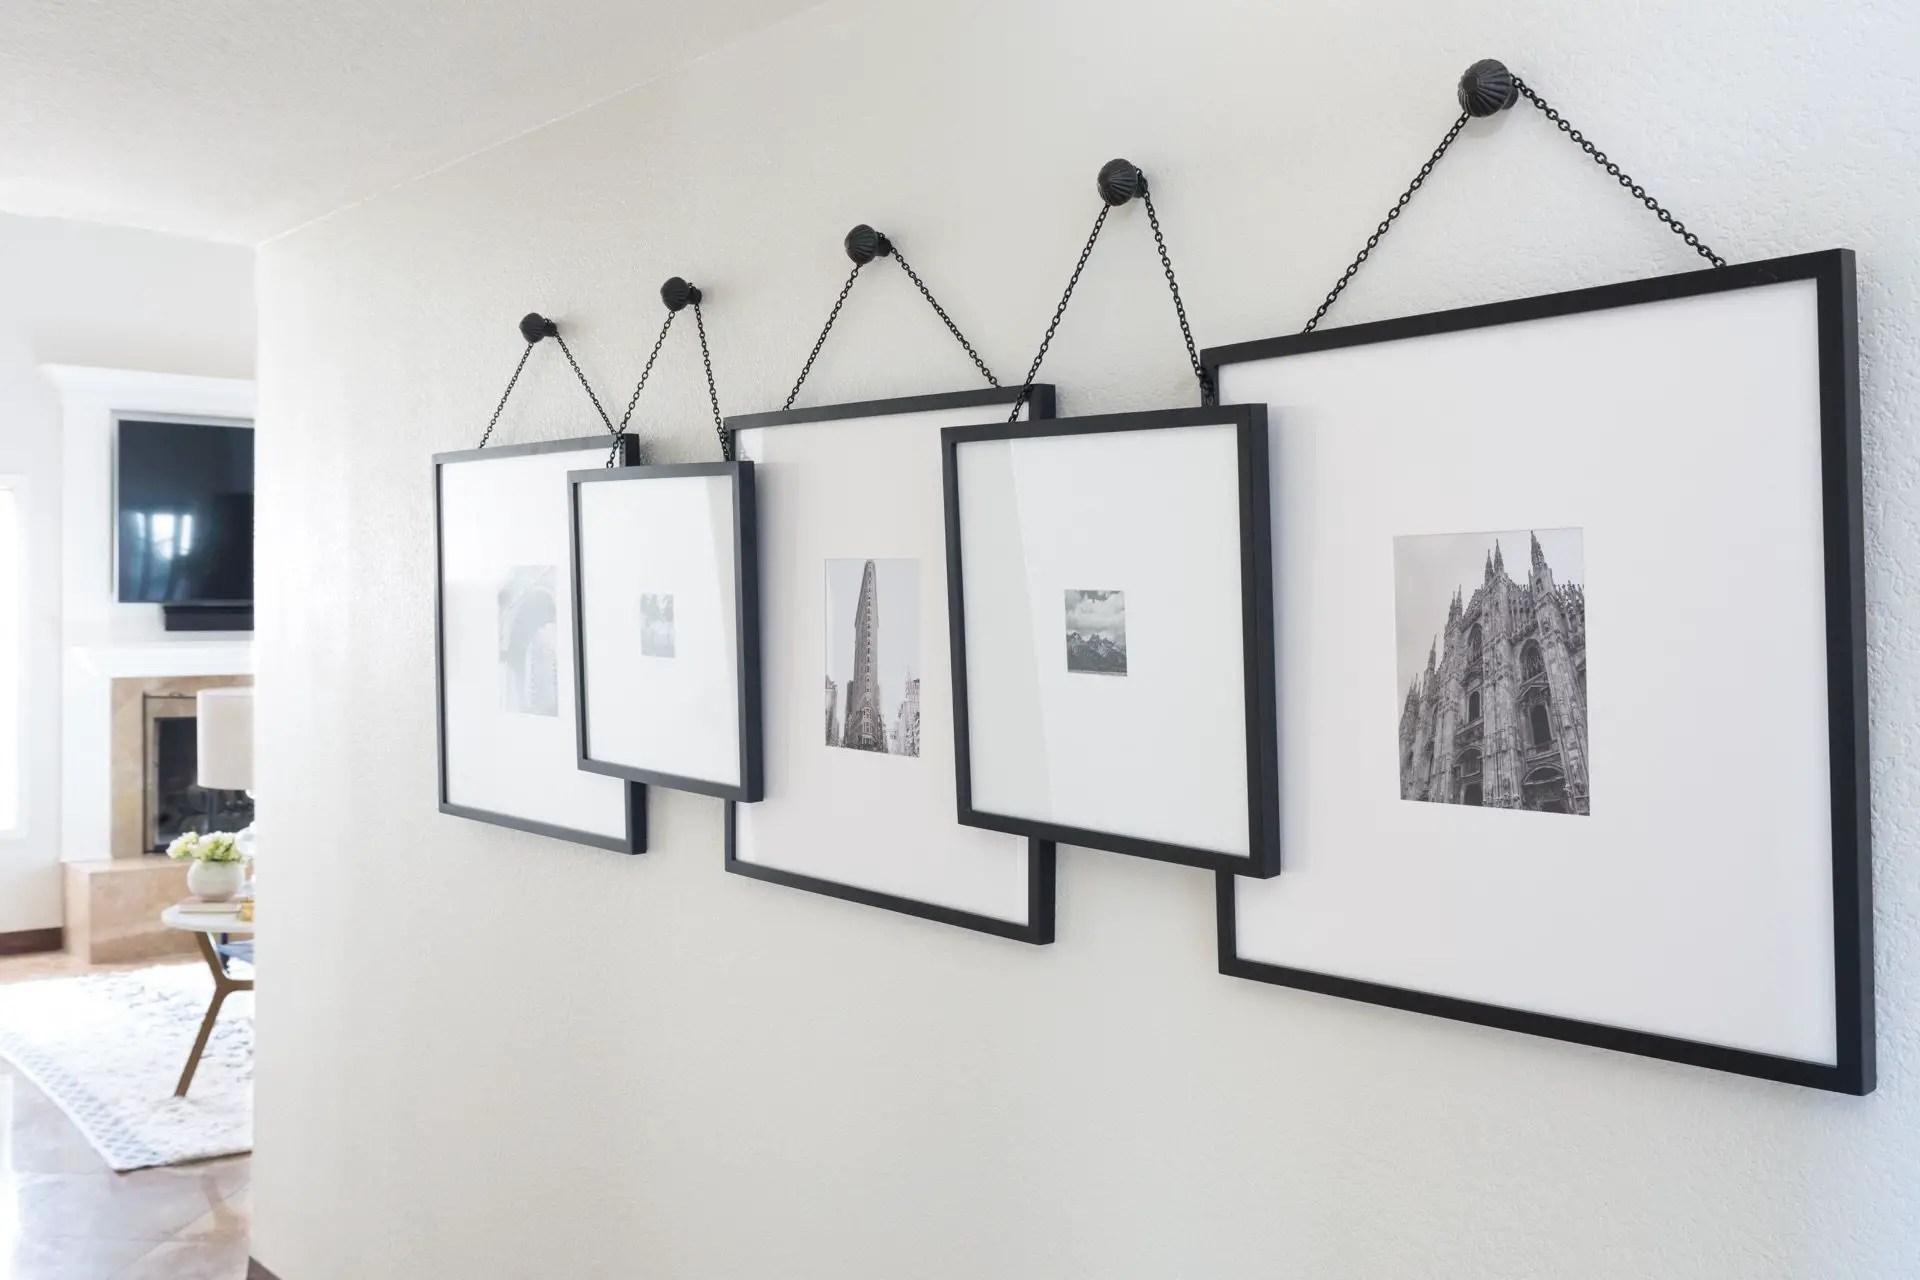 50 Stunning Photo Wall Gallery Ideas 29